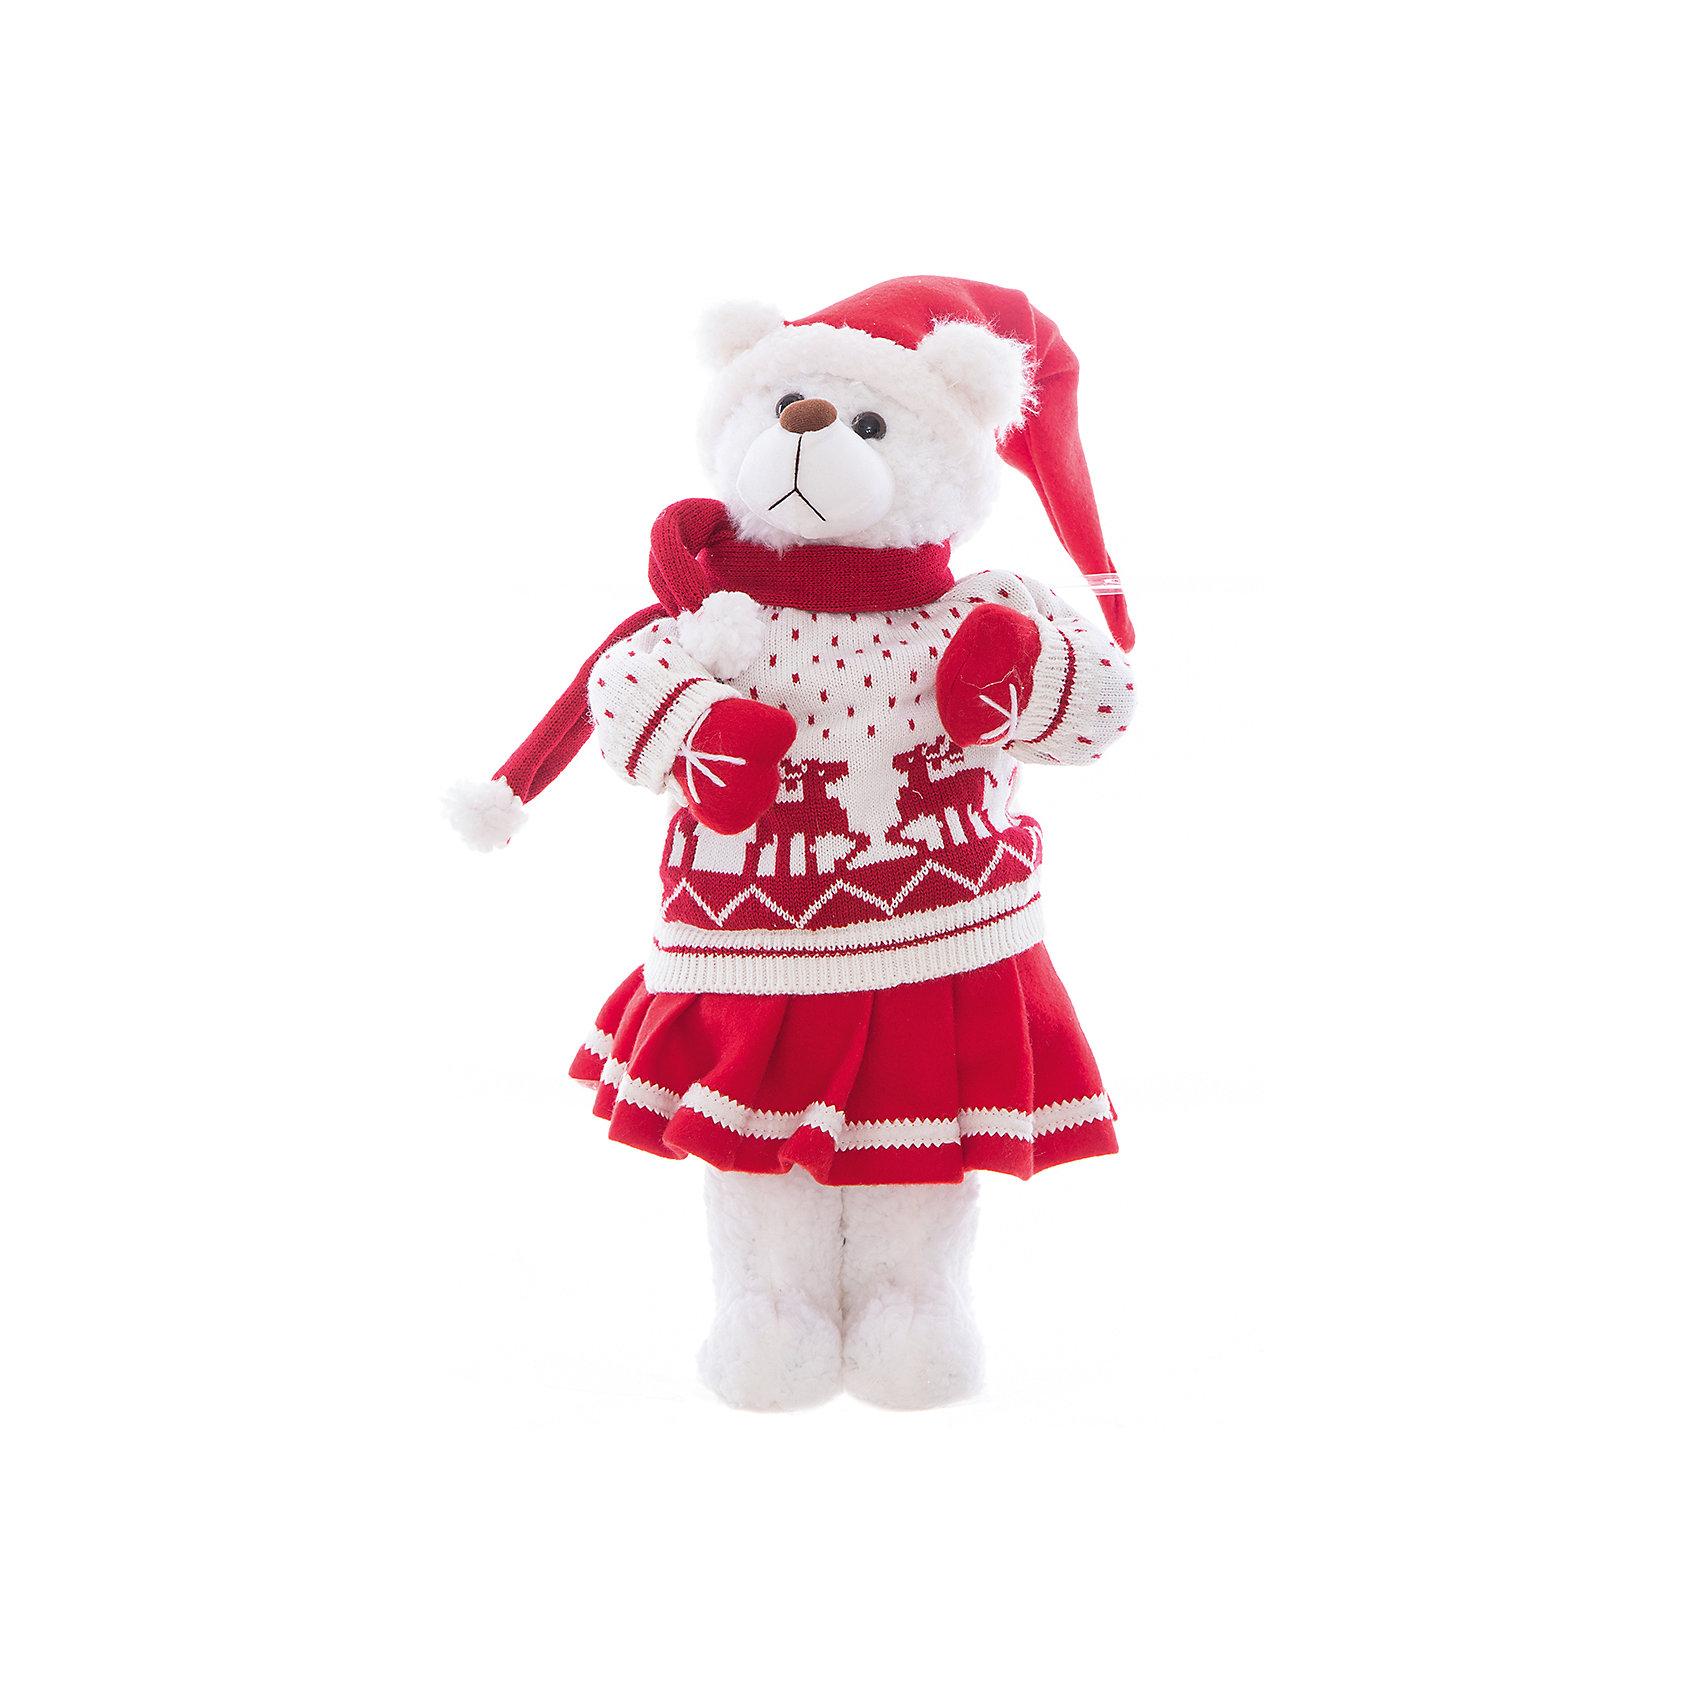 Интерьерная кукла Мишка C21-221036, EstroПредметы интерьера<br>Характеристики интерьерной куклы:<br><br>- состав: полиэстер, пластик, текстиль<br>- габариты предмета: 55 * 20 * 20 см<br>- тип игрушки: животные<br>- вид упаковки: коробка<br>- возрастные ограничения: 3+<br>- комплектация: игрушка<br>- бренд: Estro <br>- страна бренда: Италия<br>- страна производитель: Китай<br><br>Интерьерная кукла-игрушка медвежонок украсит Ваш дом, подарит атмосферу праздника. Послужит отличным подарком для вас и ваших близких к Новому году! Дизайн интерьерной куклы тщательно проработан. Все составляющие тщательно подогнаны и замечательно дополняют друг друга. Изделие итальянского бренда Estro превосходно дополнит любую квартиру, а также будет приятным приобретением или презентом родным. <br><br>Интерьерную куклу медвежонок итальянской торговой марки Estro можно купить в нашем интернет-магазине.<br><br>Ширина мм: 200<br>Глубина мм: 200<br>Высота мм: 550<br>Вес г: 512<br>Возраст от месяцев: 36<br>Возраст до месяцев: 1188<br>Пол: Женский<br>Возраст: Детский<br>SKU: 5356637